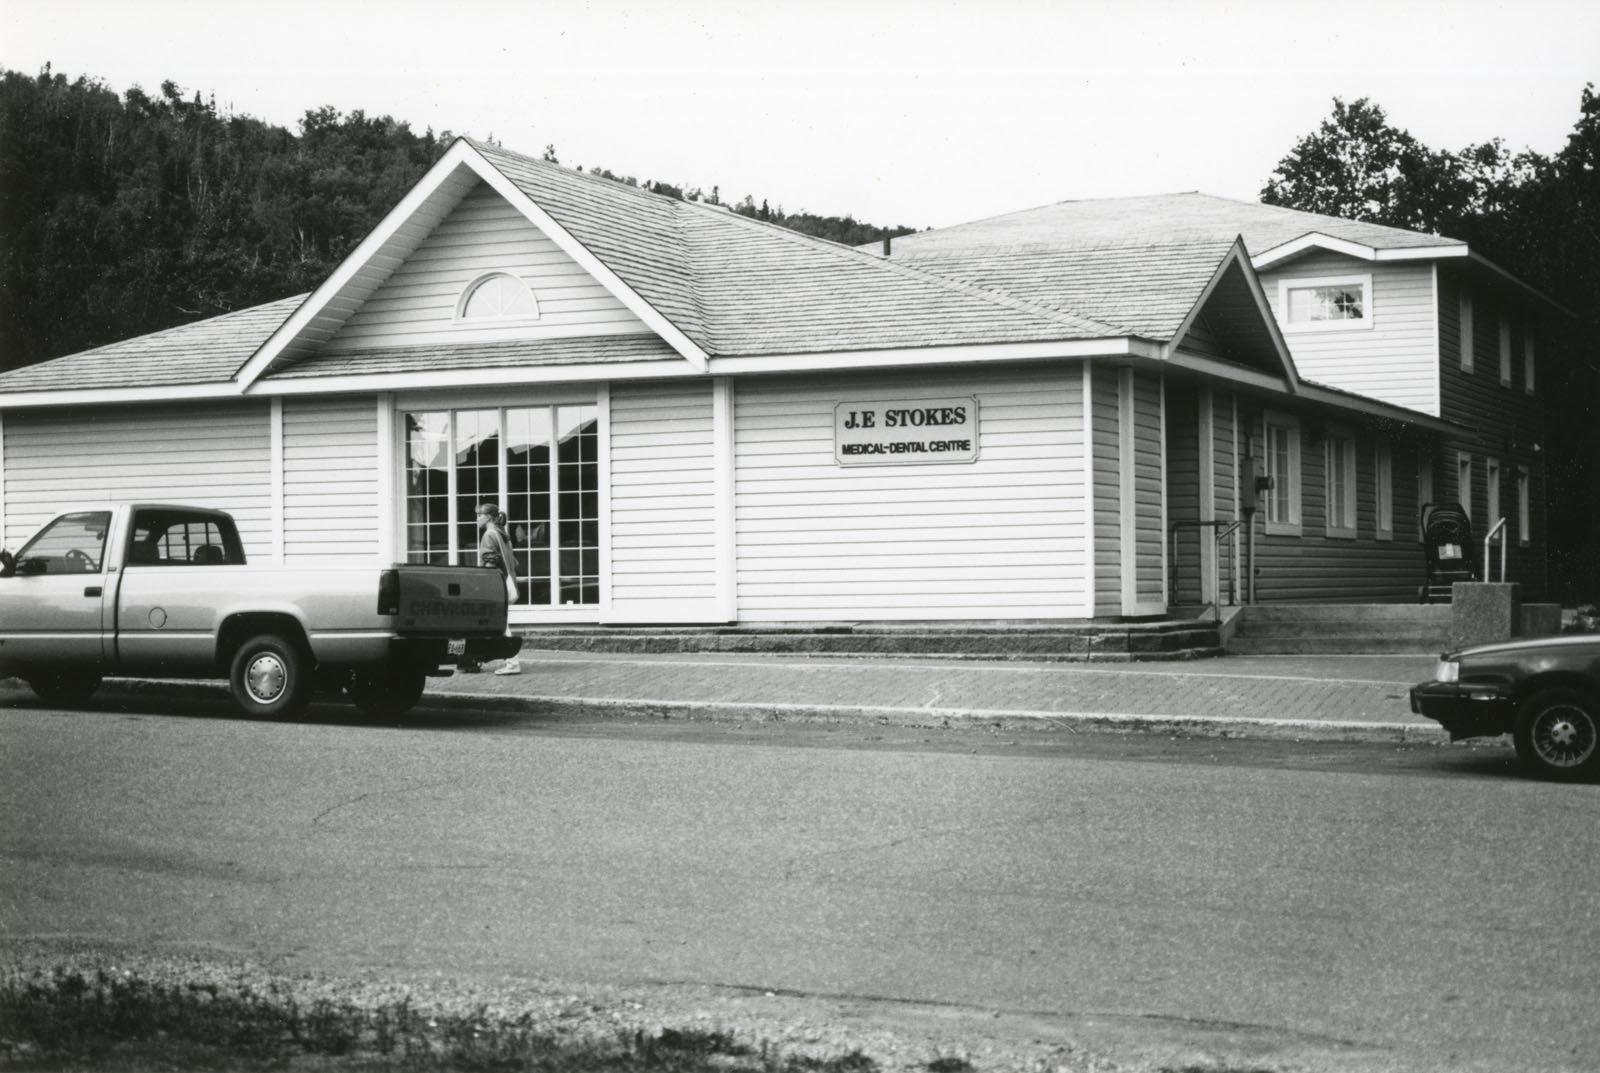 J.E. Stoke's Medical Centre